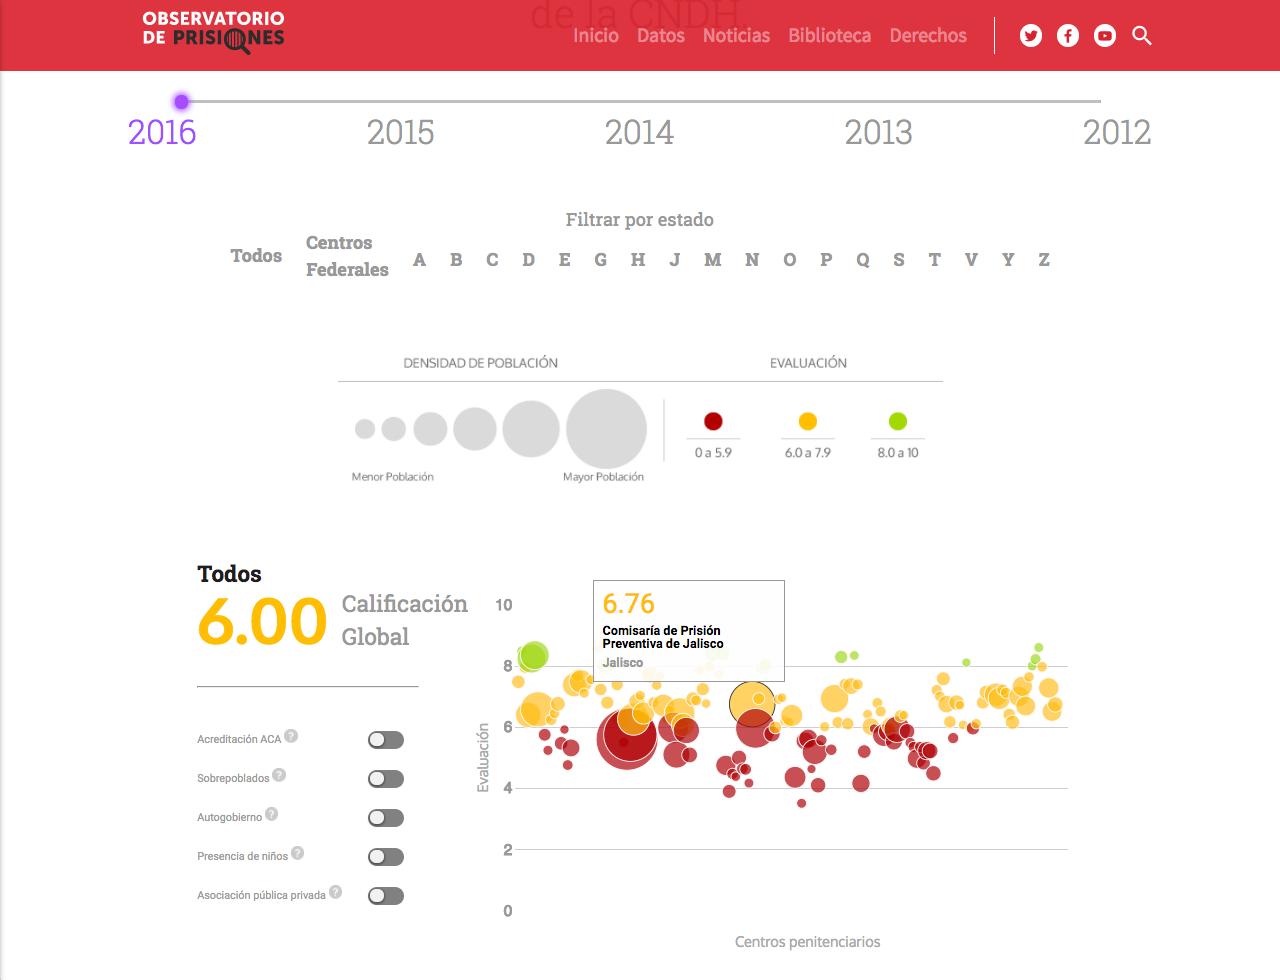 Visualización de datos, Diagnóstico Nacional de Supervisión Penitenciaria de la CNDH, Observatorio de Prisiones